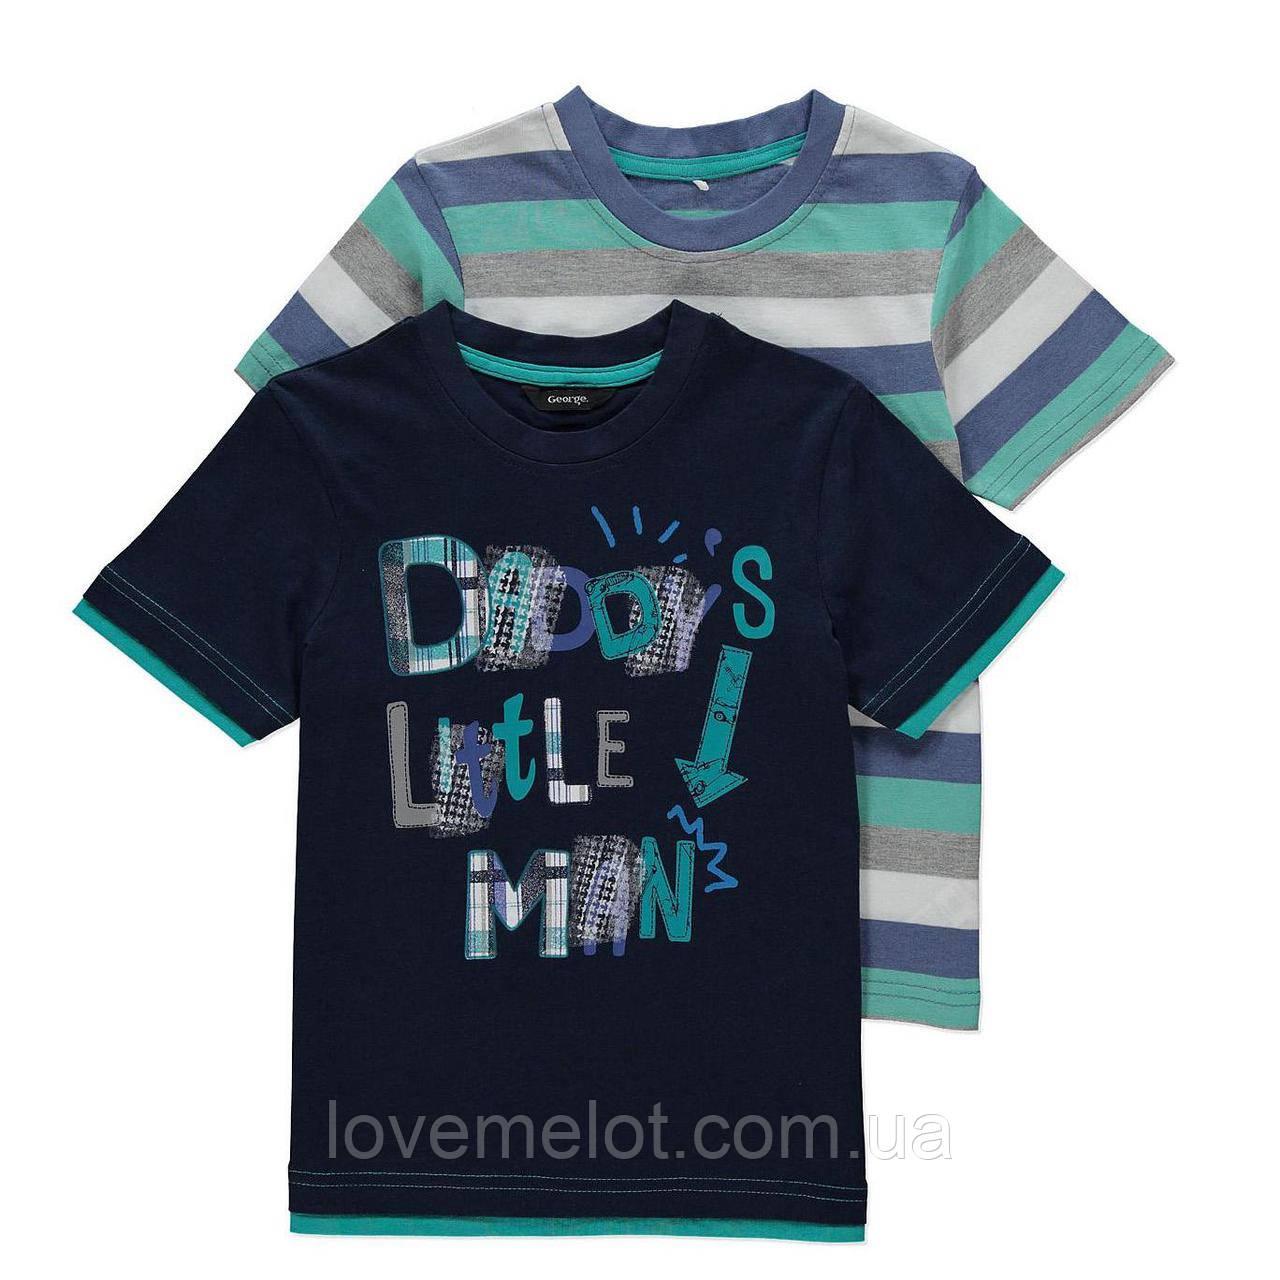 """Детские футболки George  """"Папин мальчуган"""", набор 2 шт, размер 86 см"""